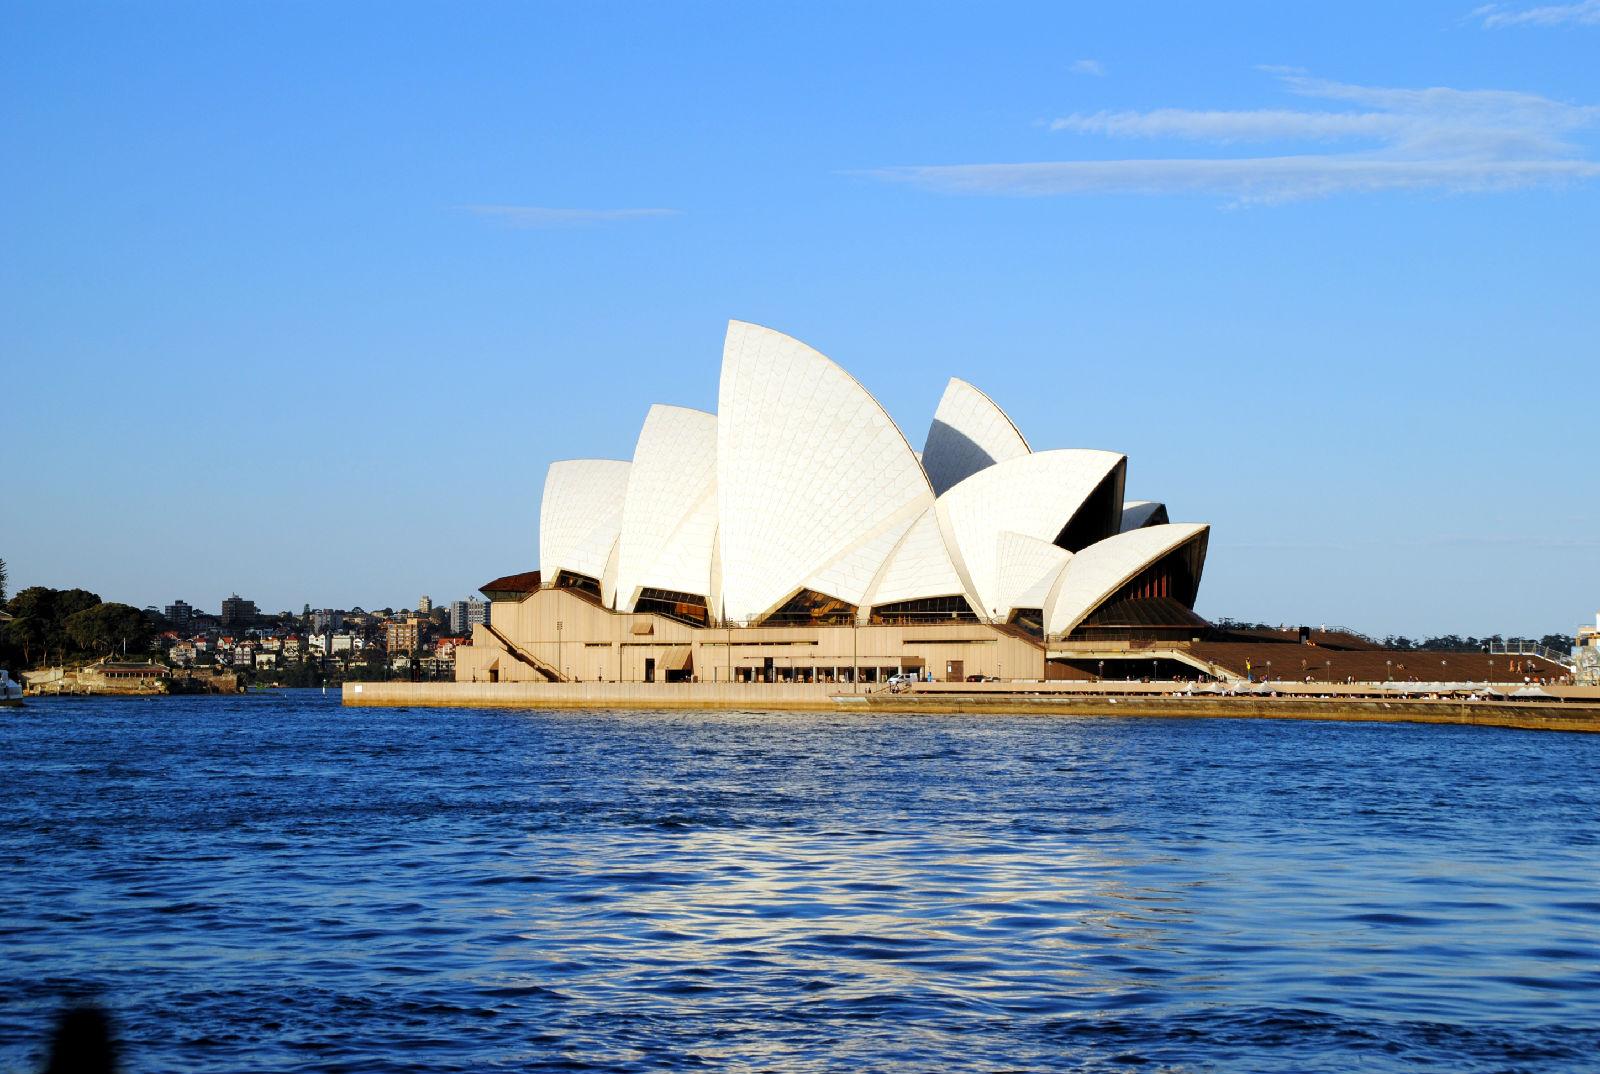 澳大利亚旅游攻略图片